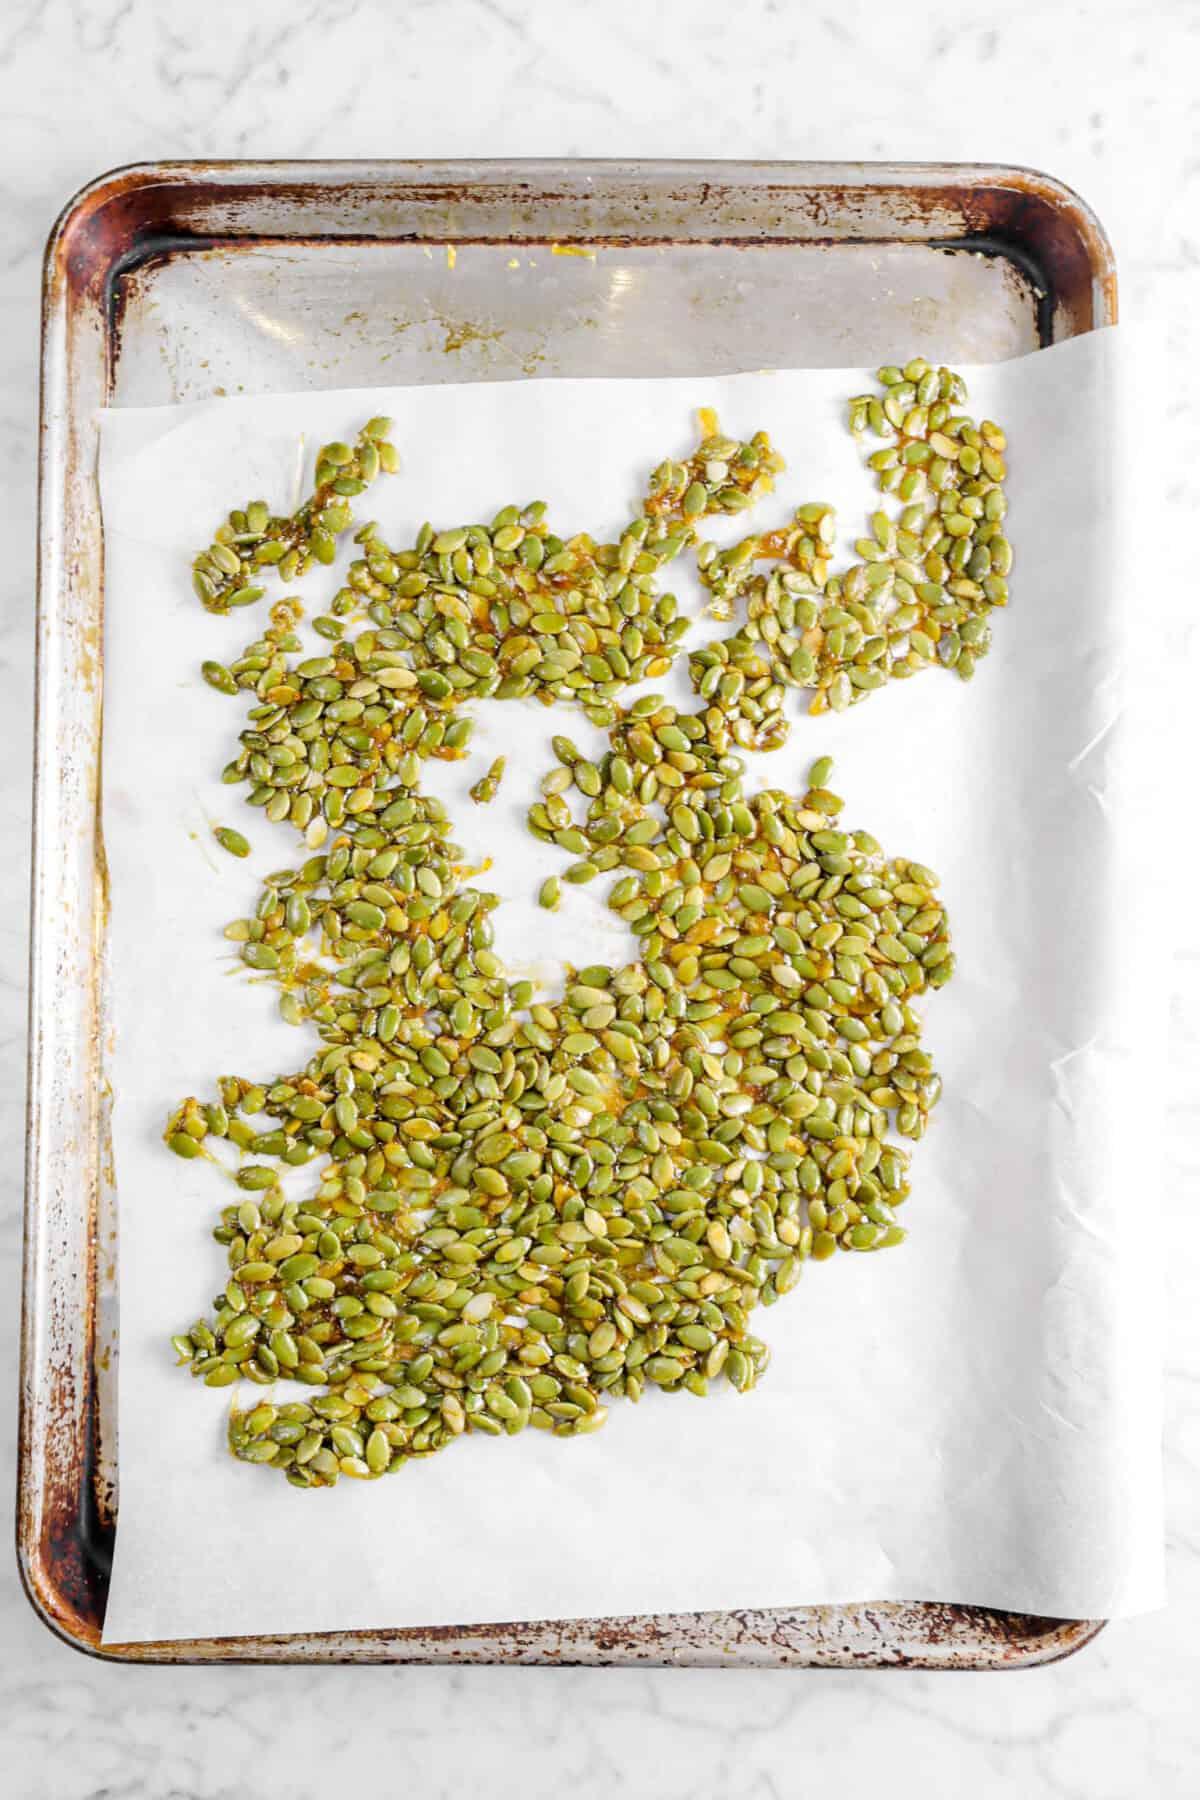 candied pumpkin seeds spread across a pan